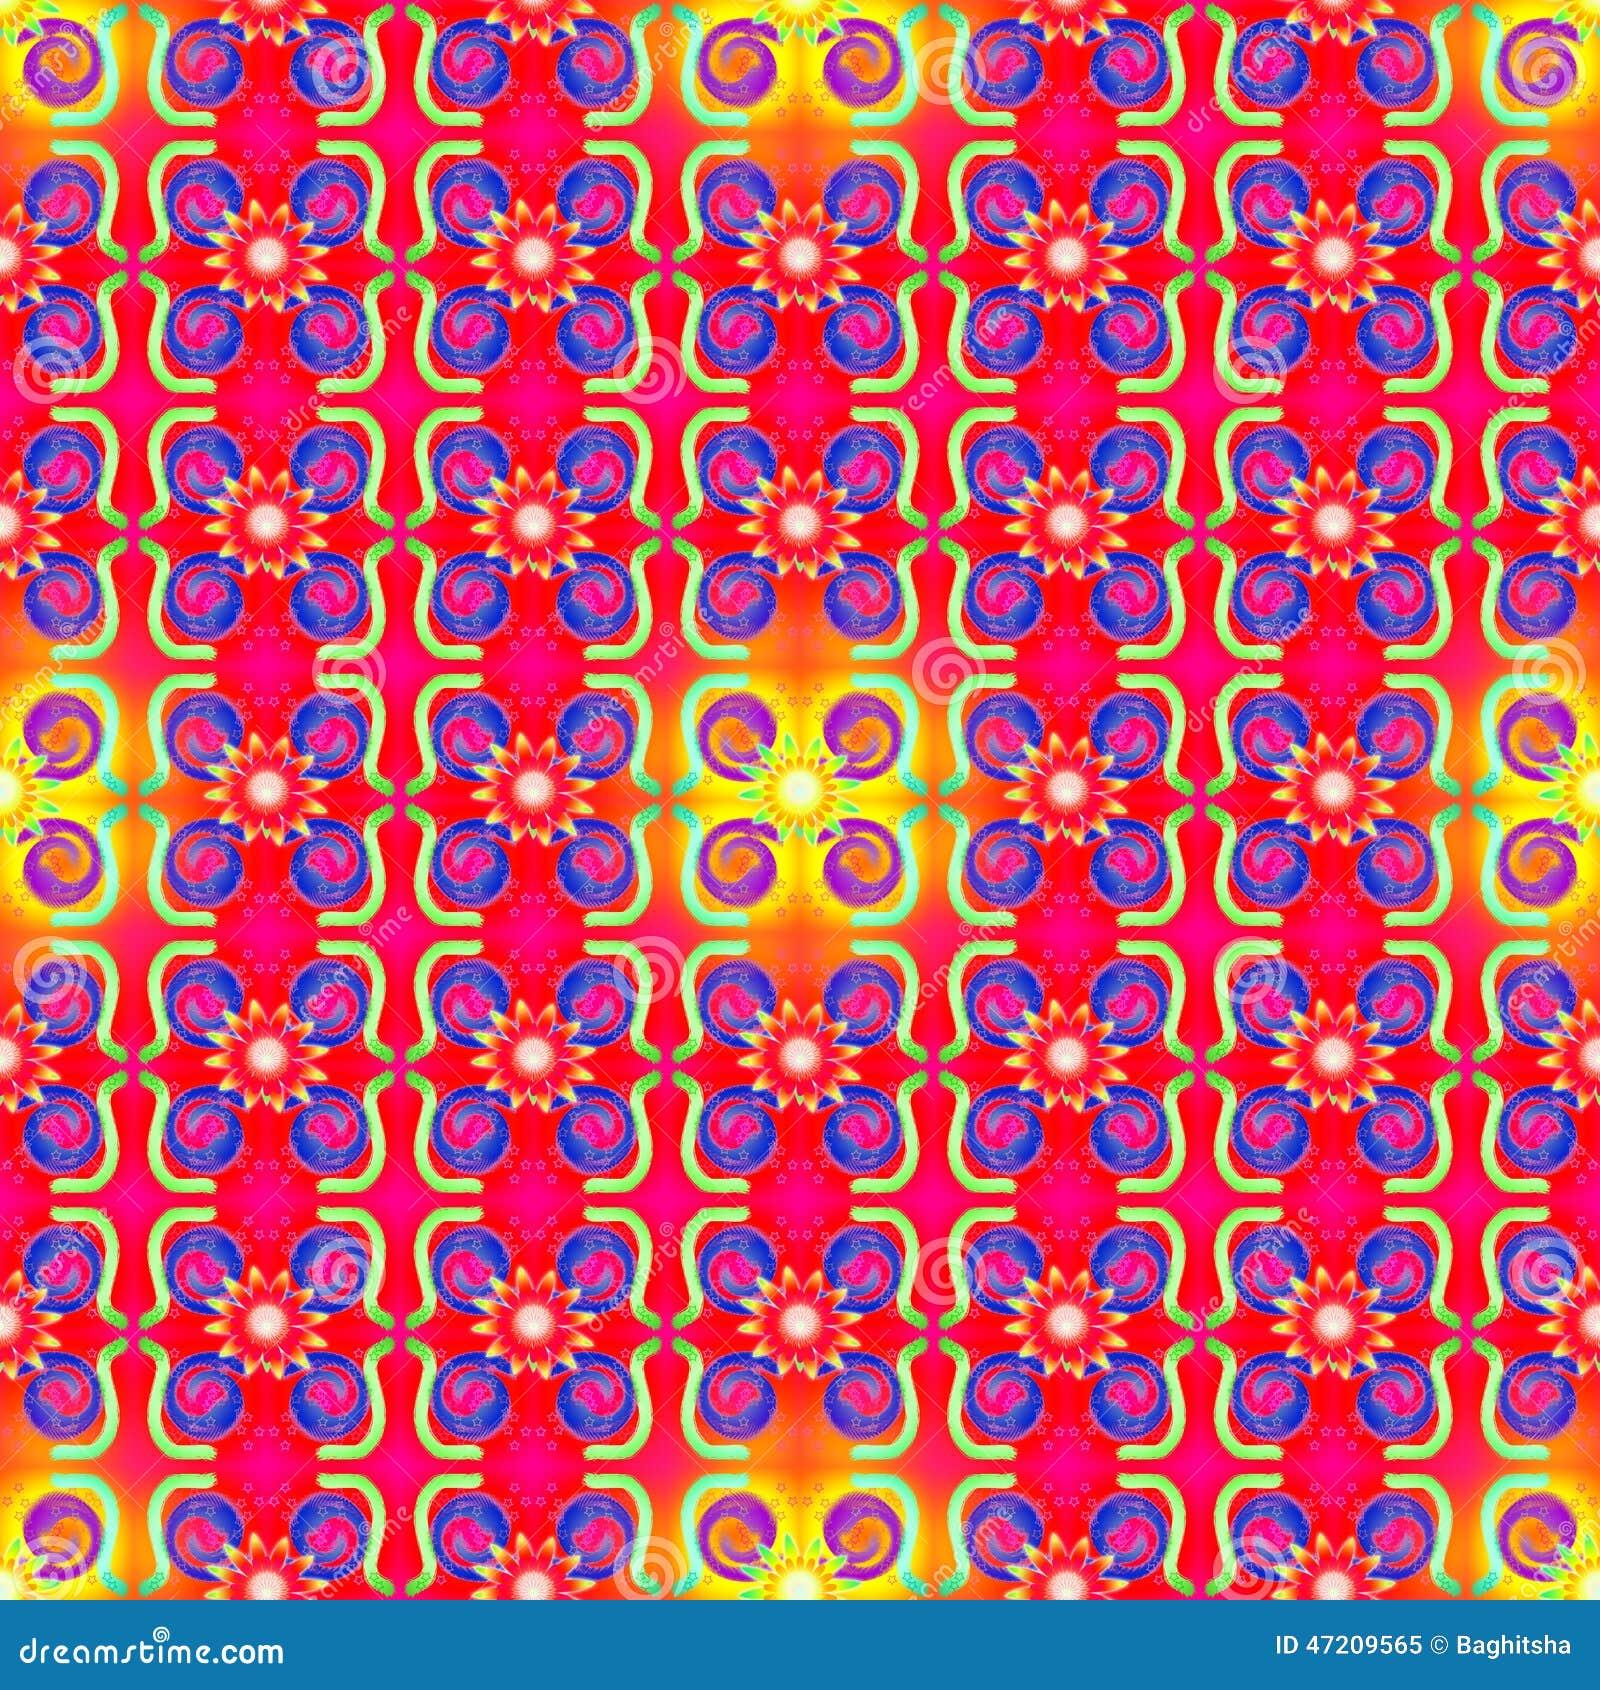 Red Yellow Seamless Pattern